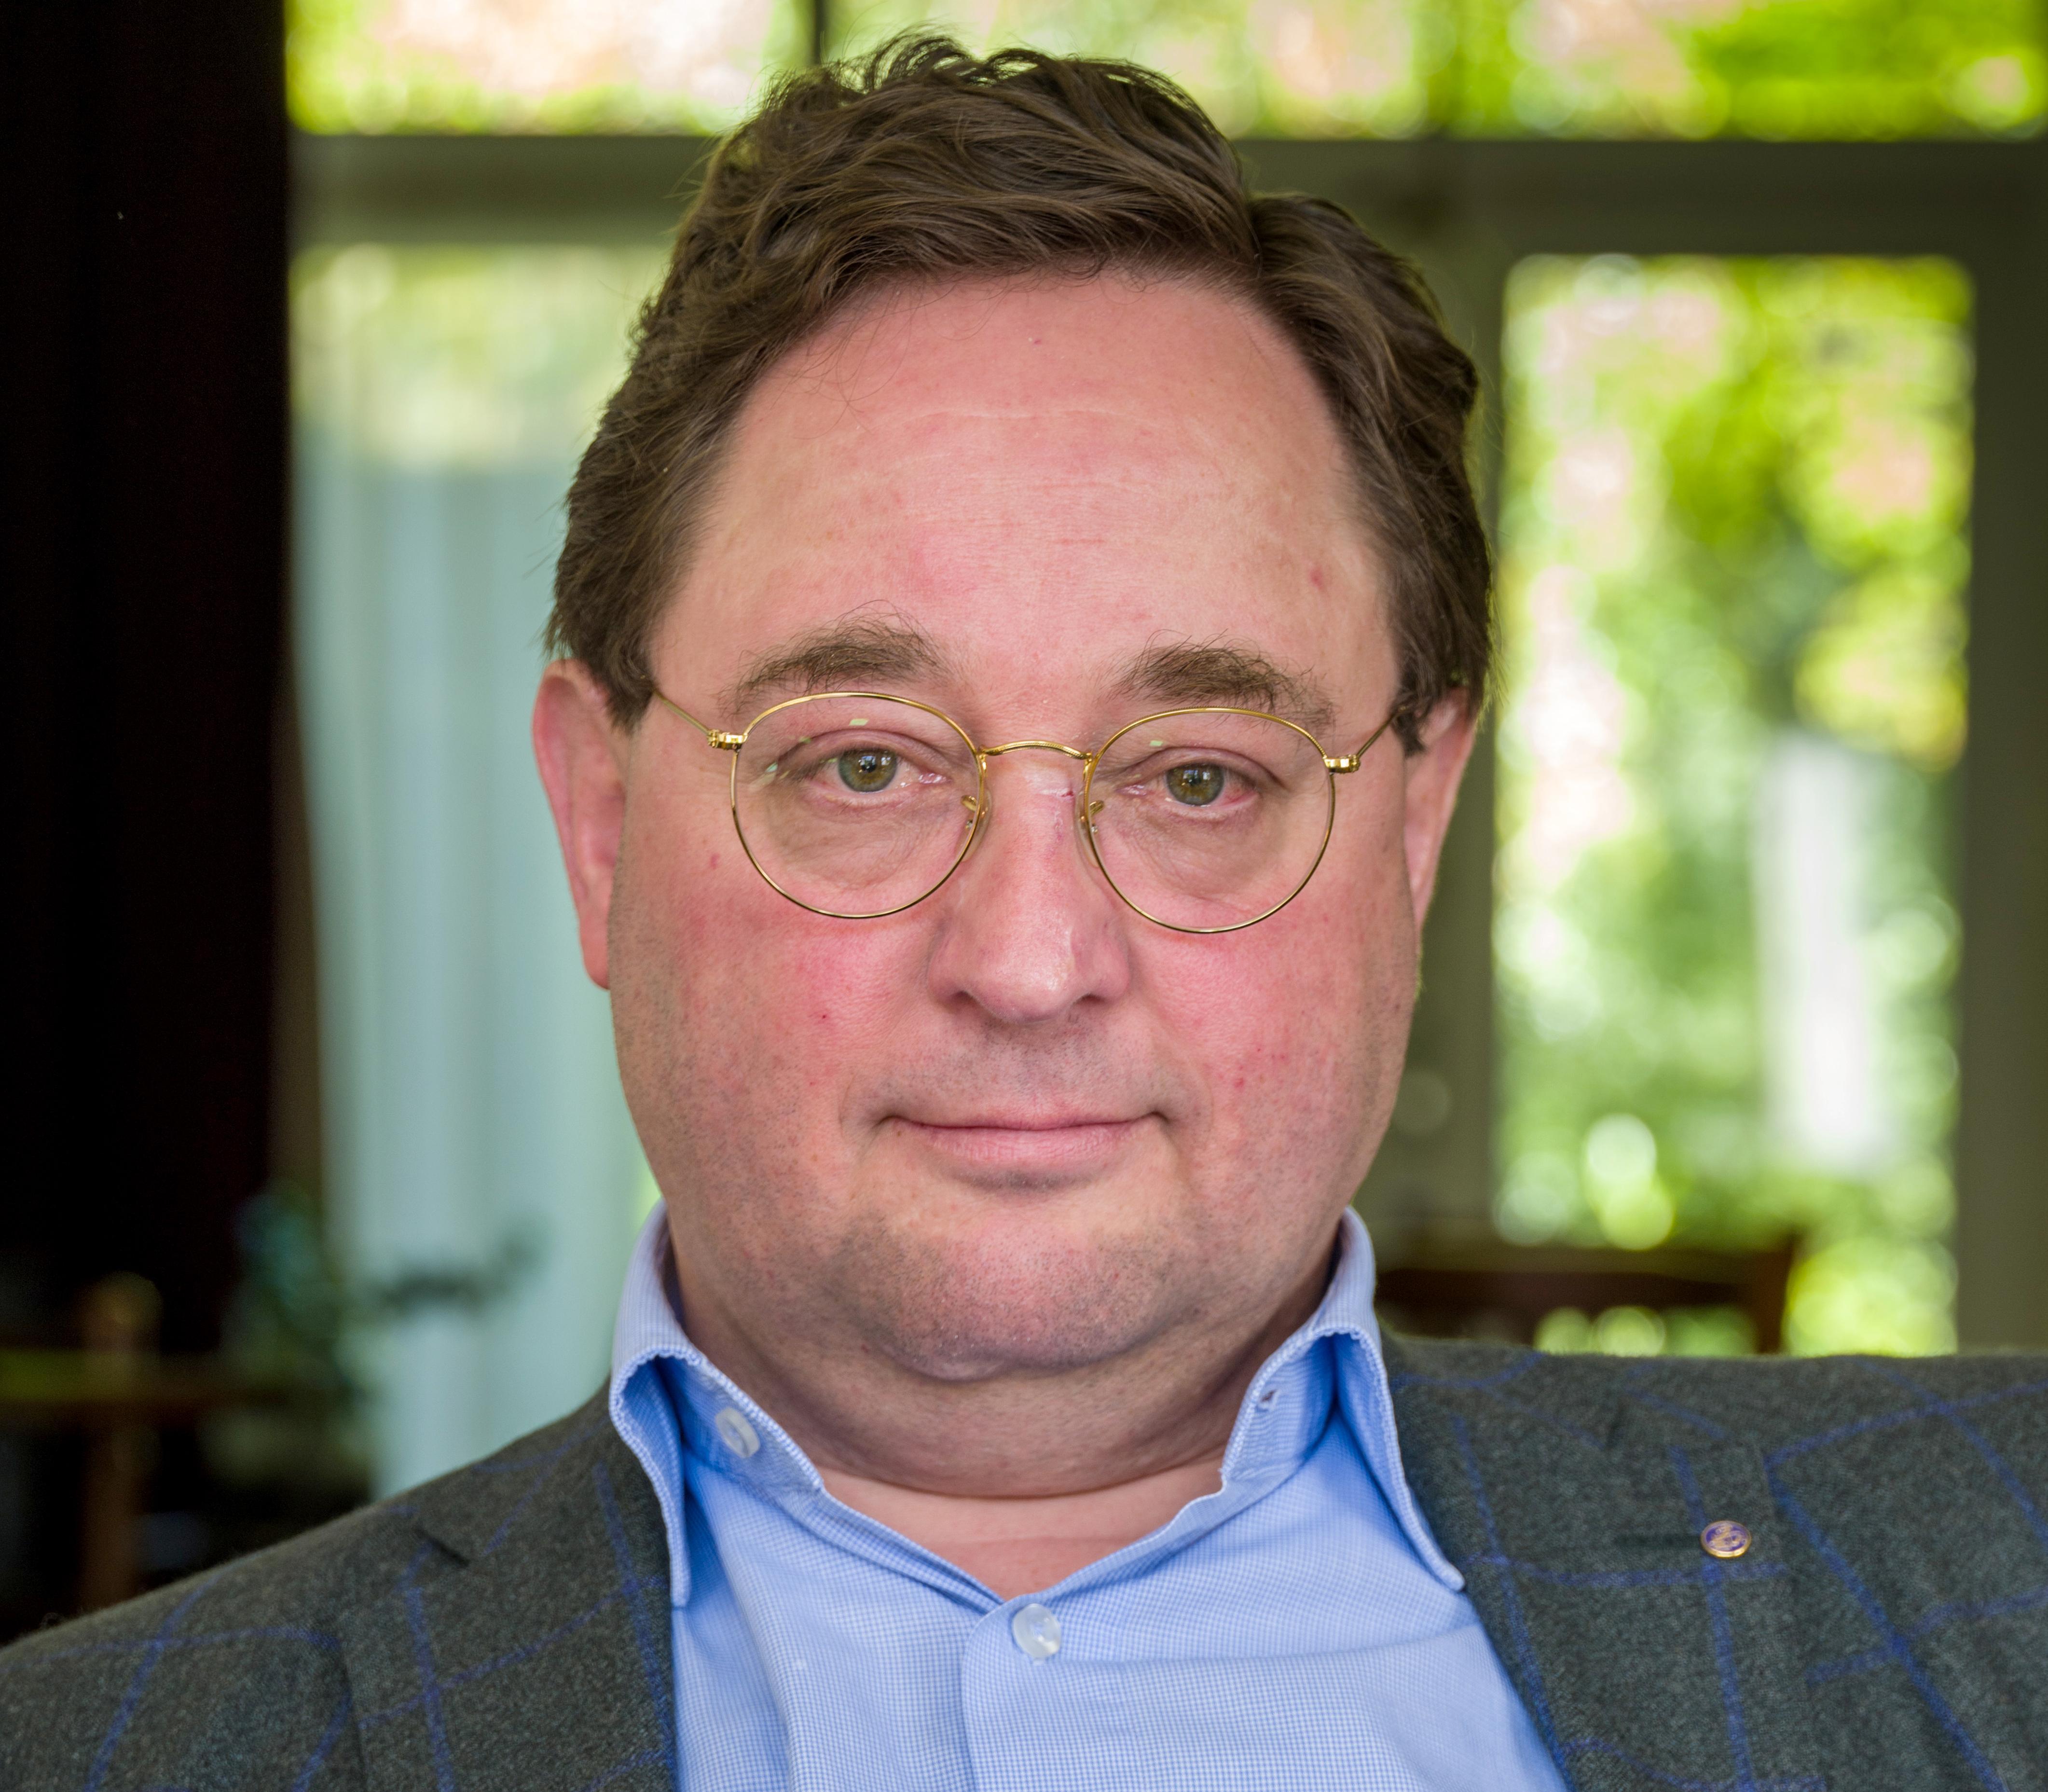 Zaak-Faber: 'Dat Duitsers zich tot in deze eeuw beroepen op nazi-wetten kunnen we raar vinden, maar is juridisch waterdicht'